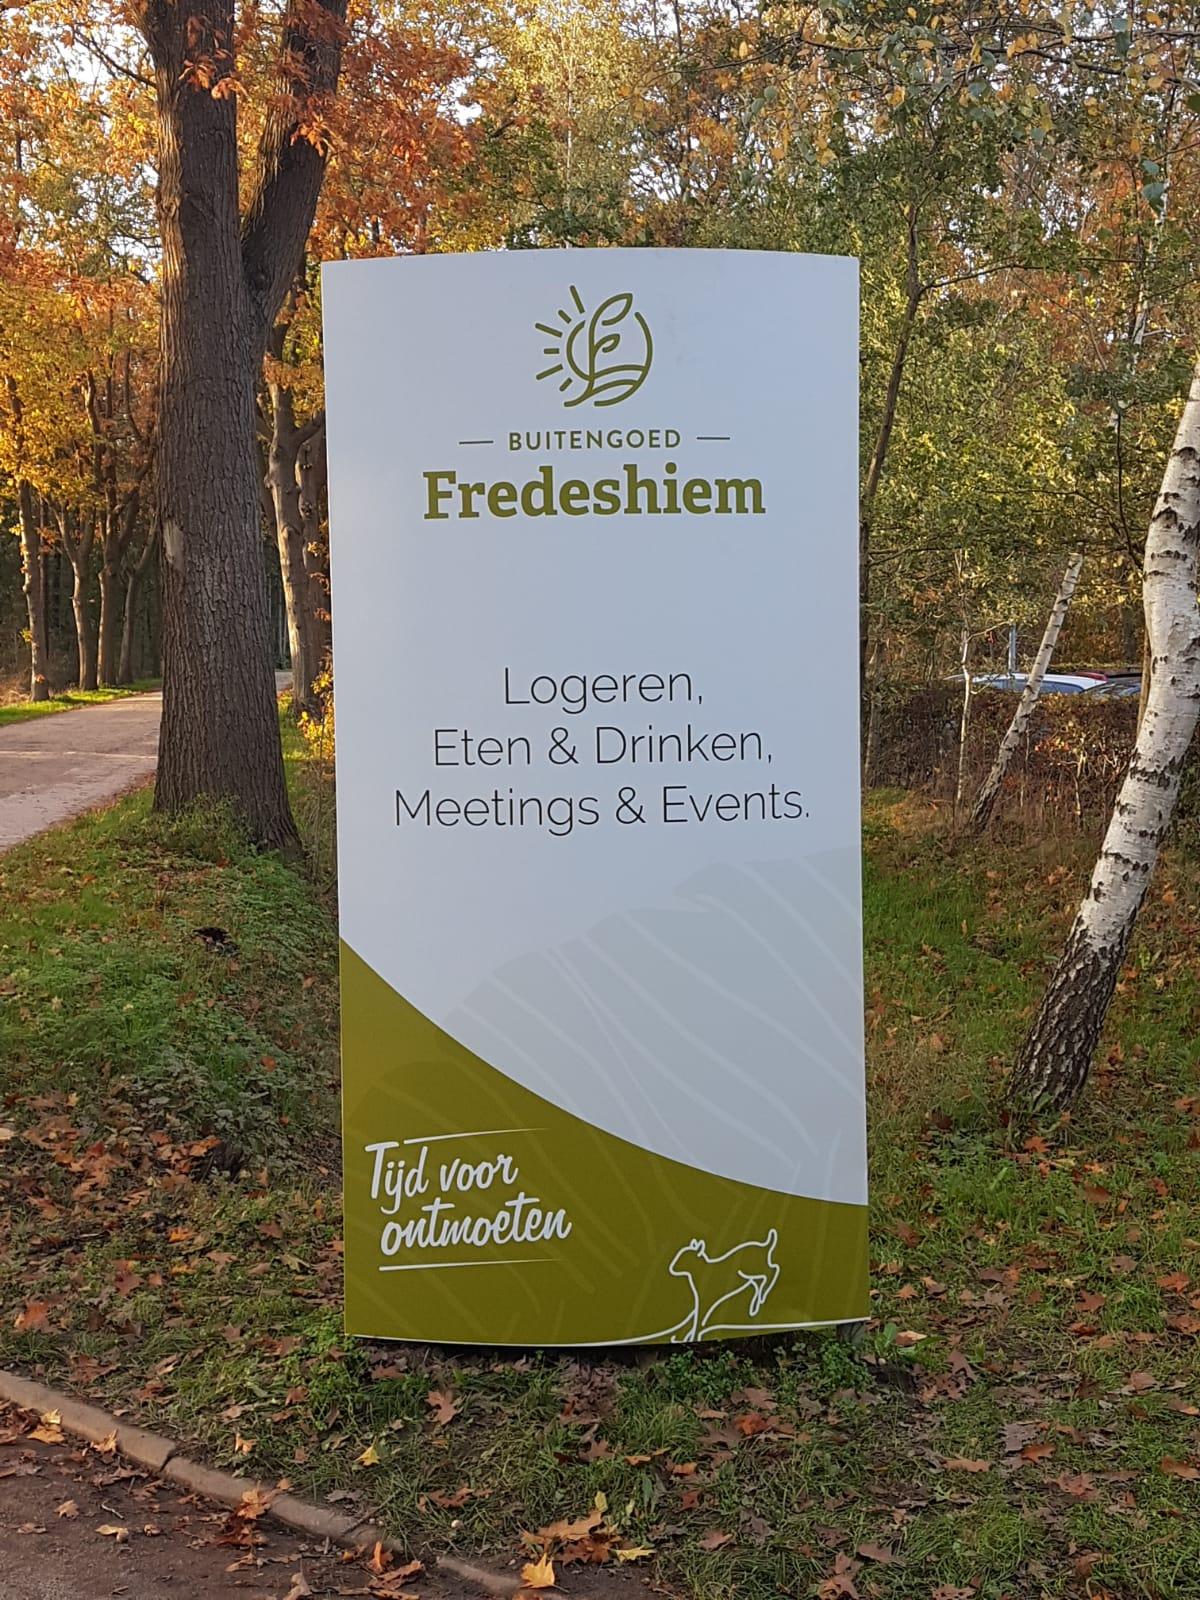 Nieuwe Huisstijl Buitengoed Fredeshiem Steenwijk De Bult